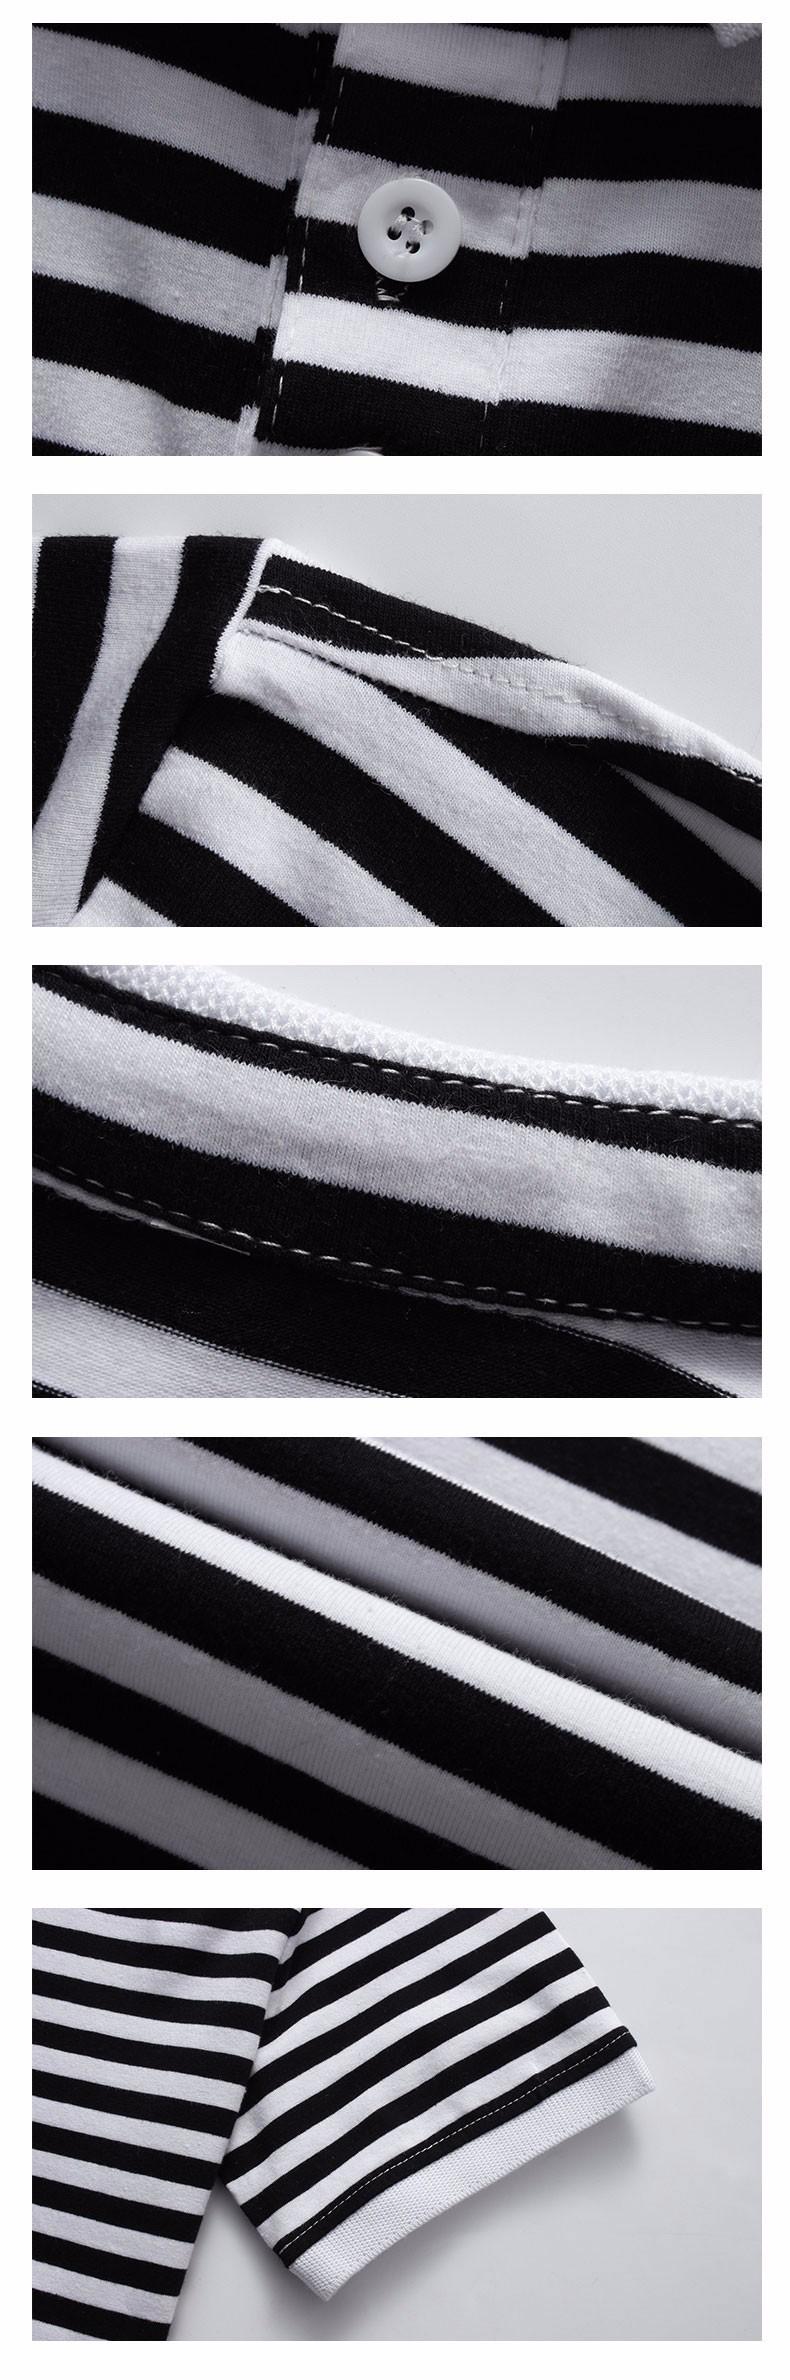 polo-shirt-197319-5